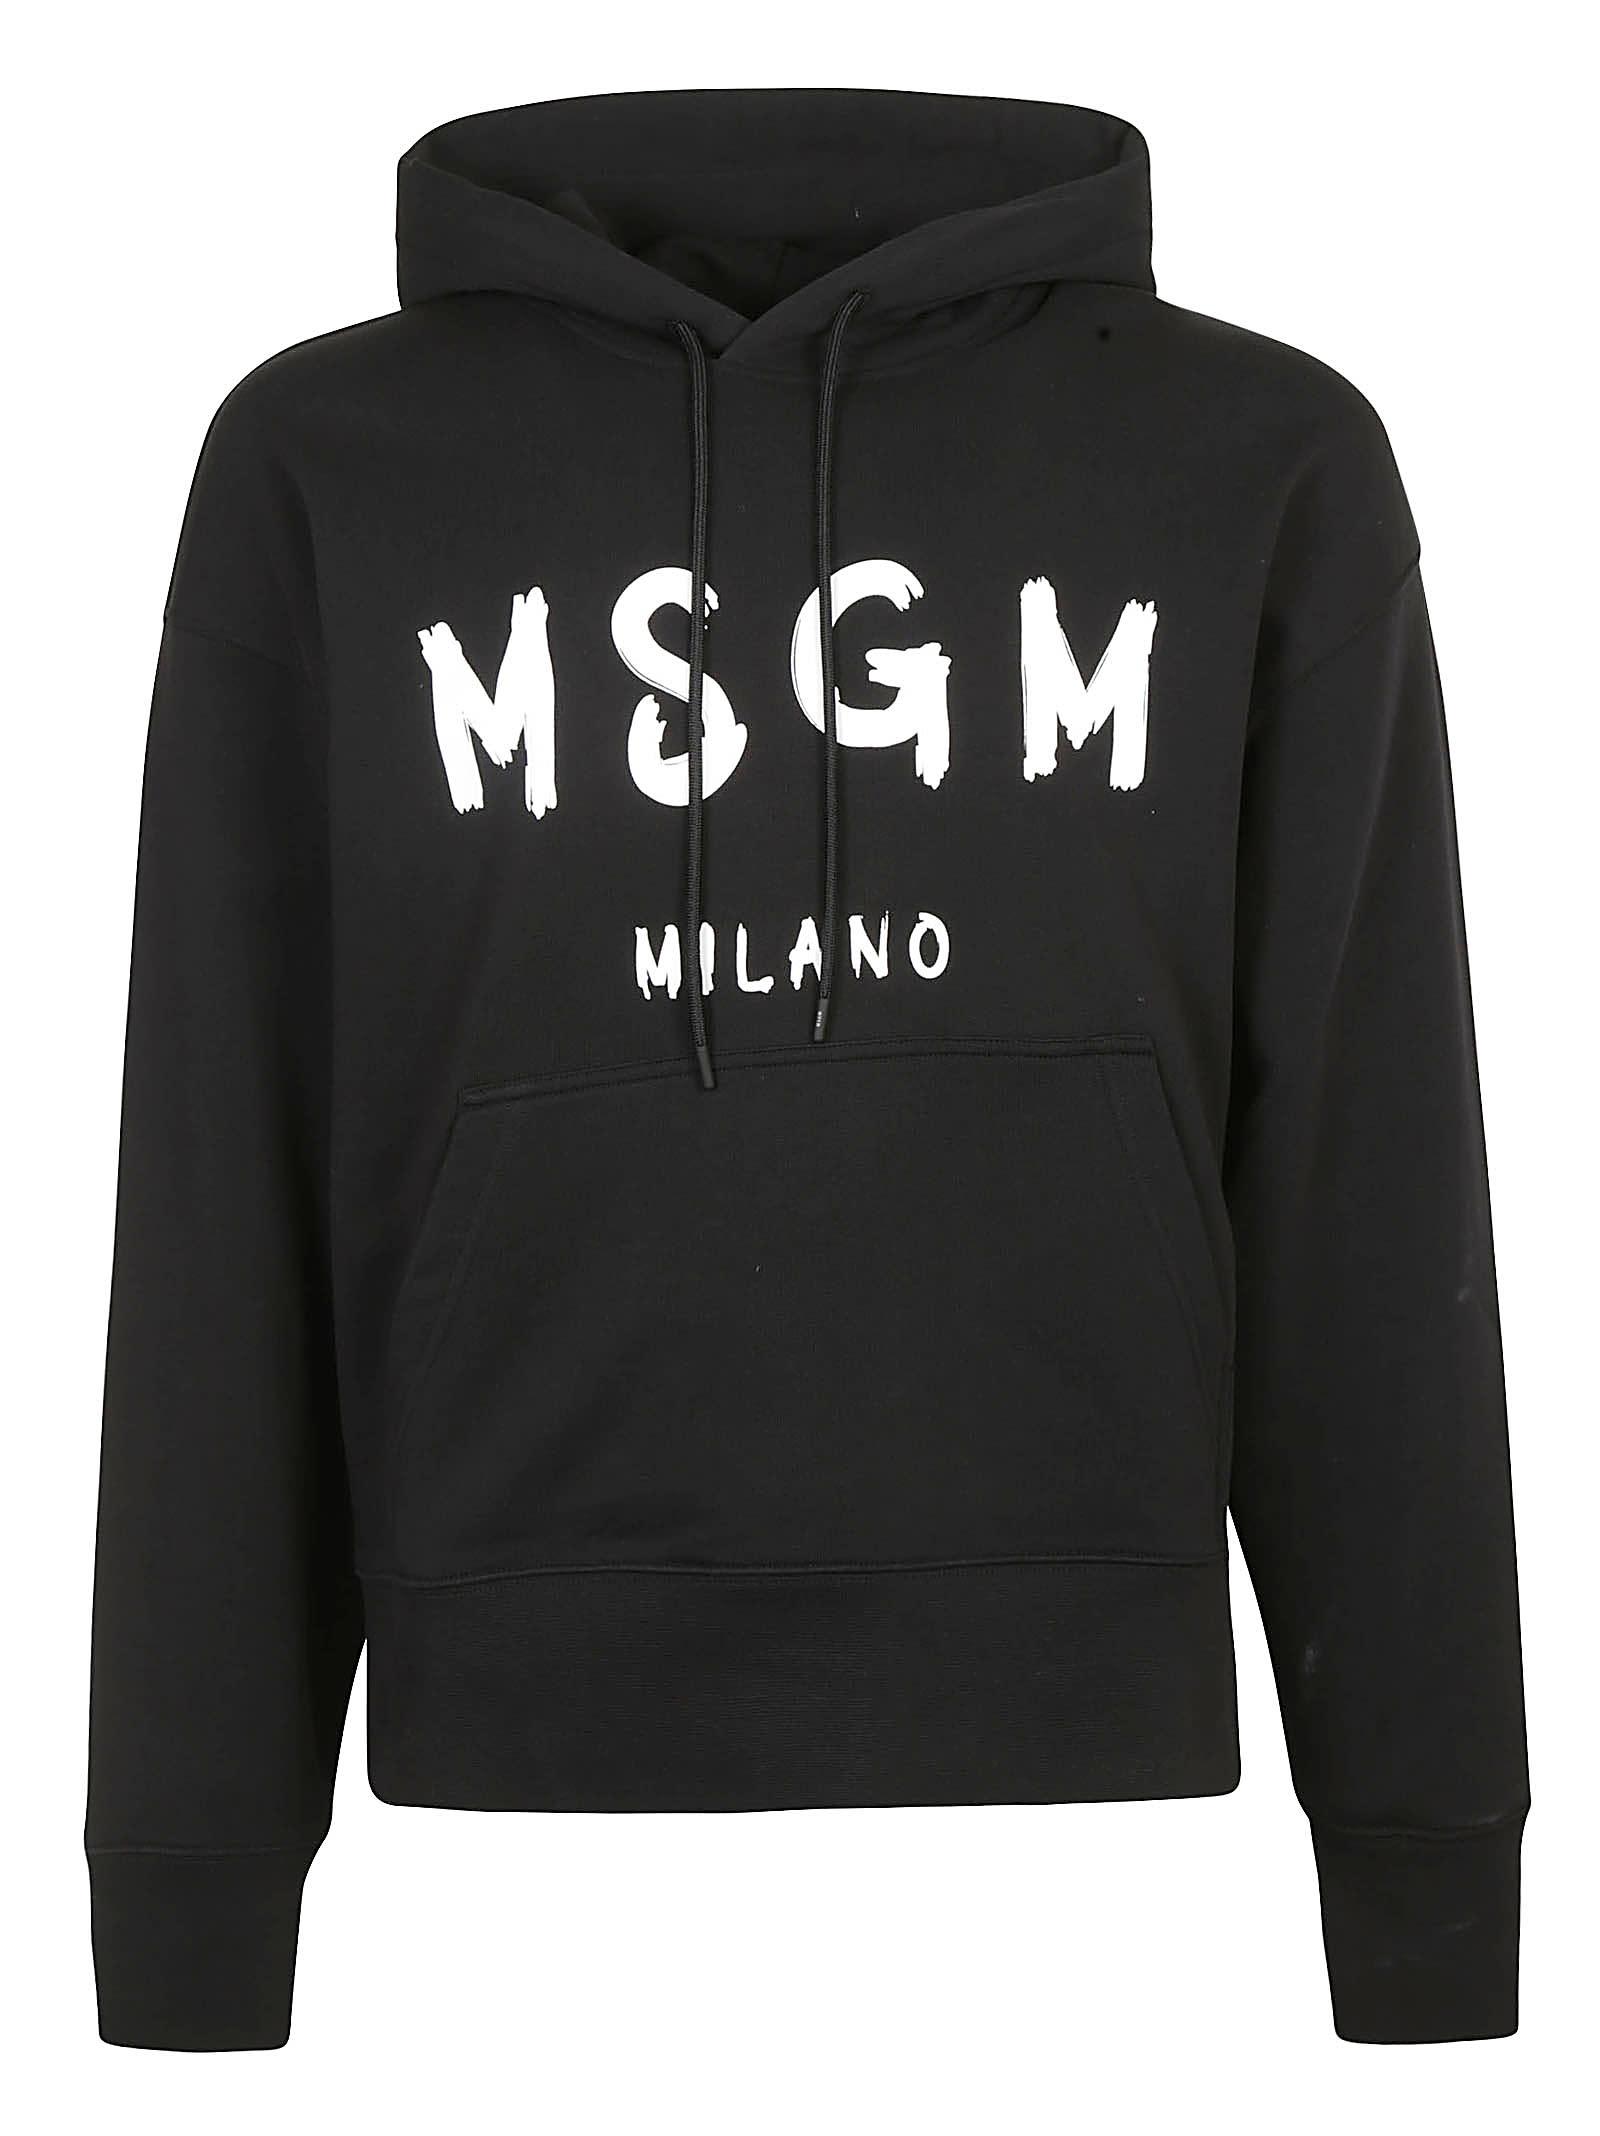 MSGM Milano Logo Hoodie